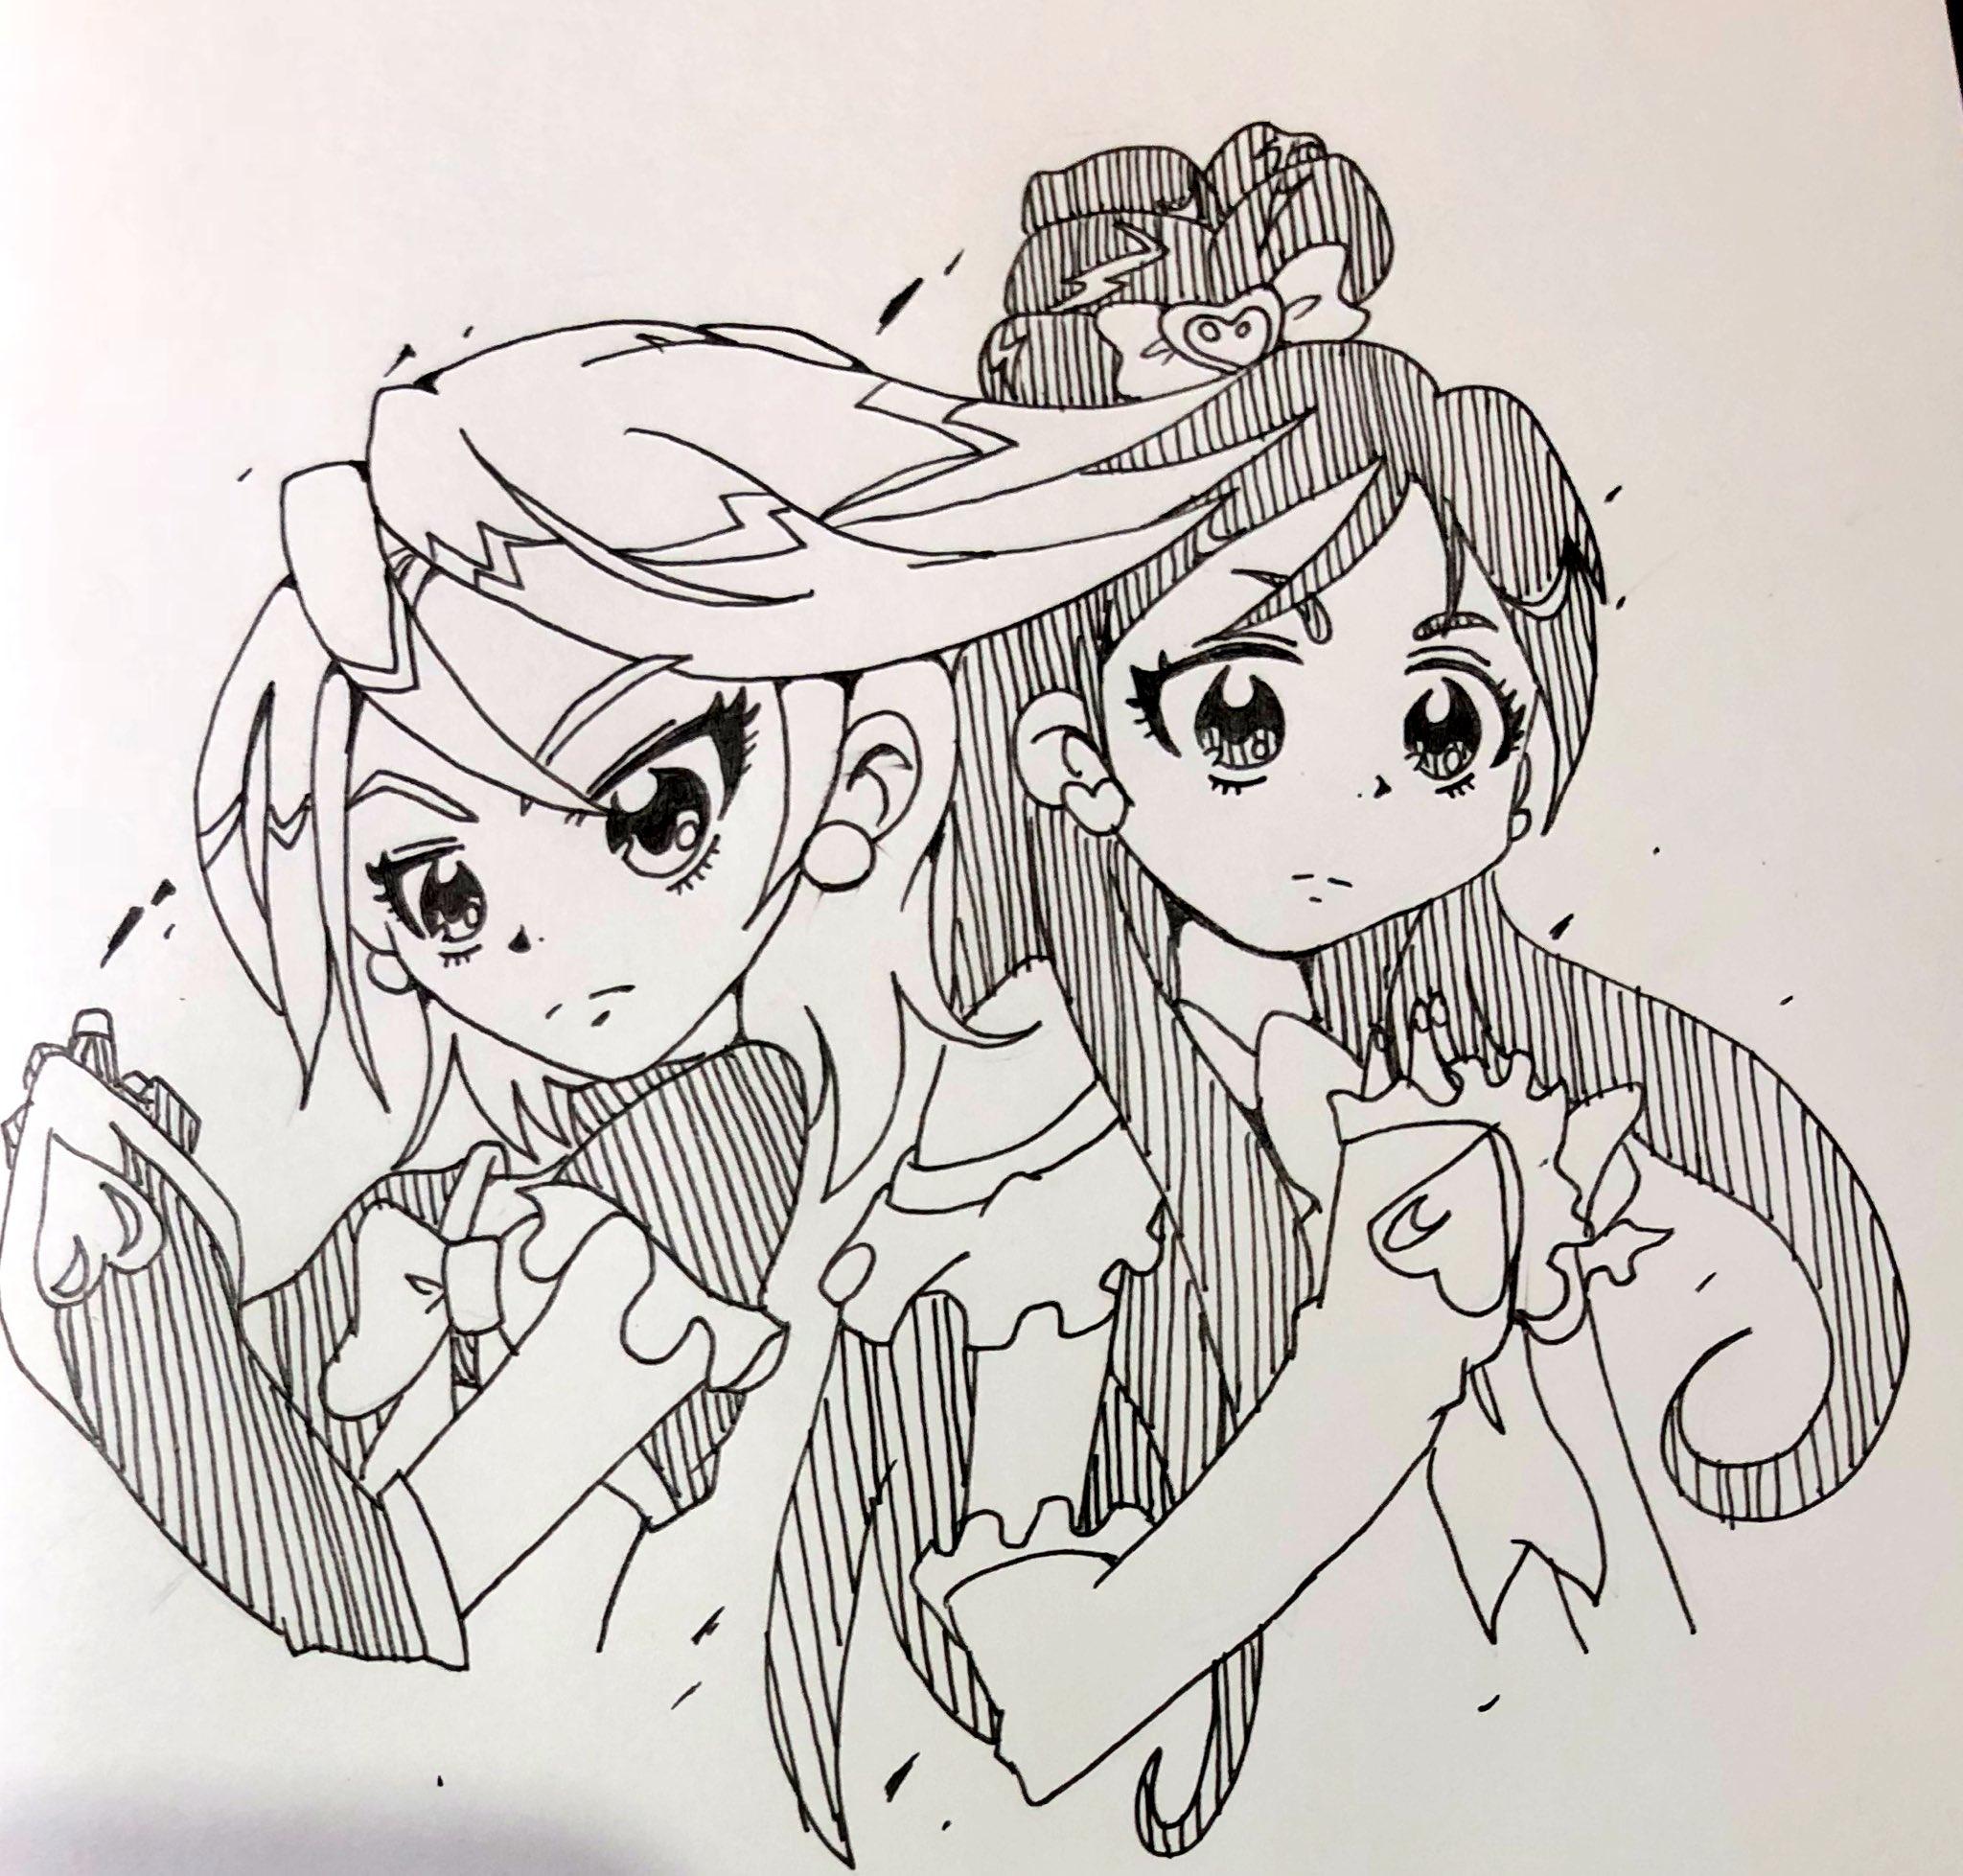 もてピット 元ミバ絵師 書道習い事 (@FOAJfB75Z2xewHE)さんのイラスト